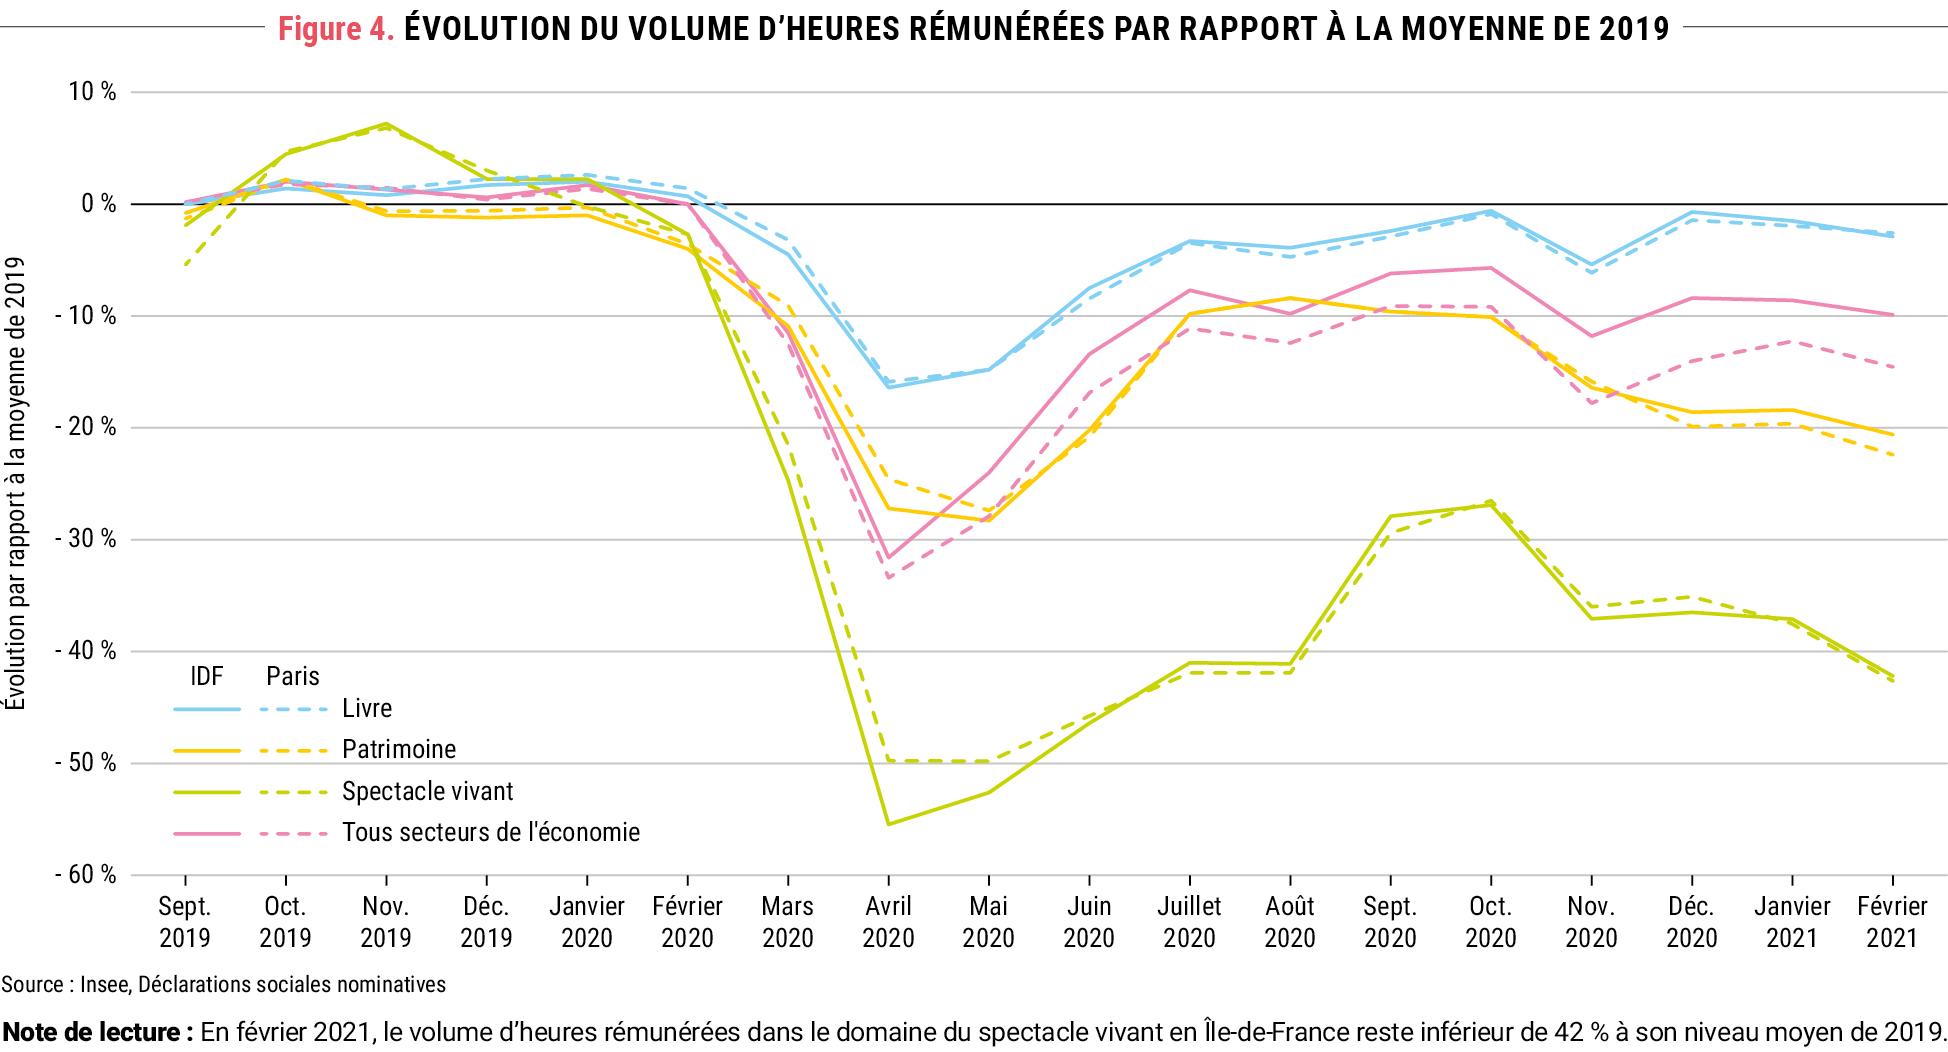 Figure 4. Évolution du volume d'heures rémunérées par rapport à la moyenne de 2019 © Apur